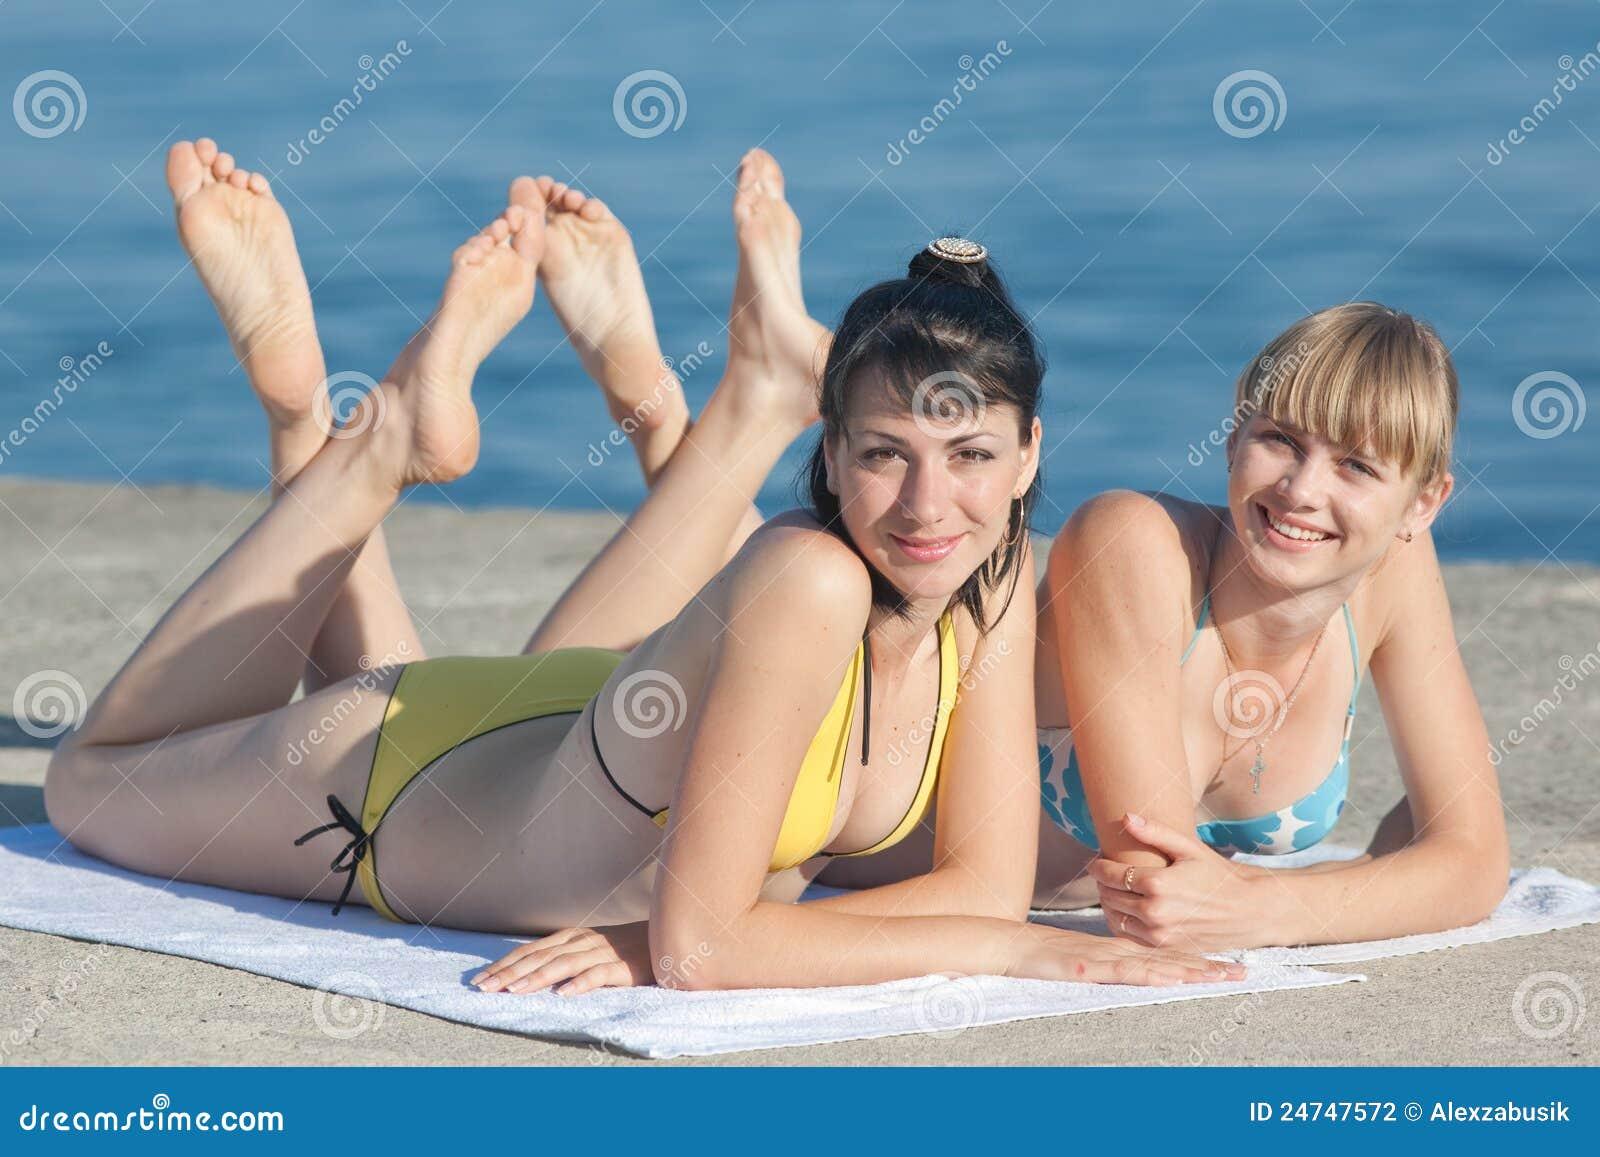 Eccezionale Due ragazze al mare fotografia stock. Immagine di coppie - 24747572 DN79